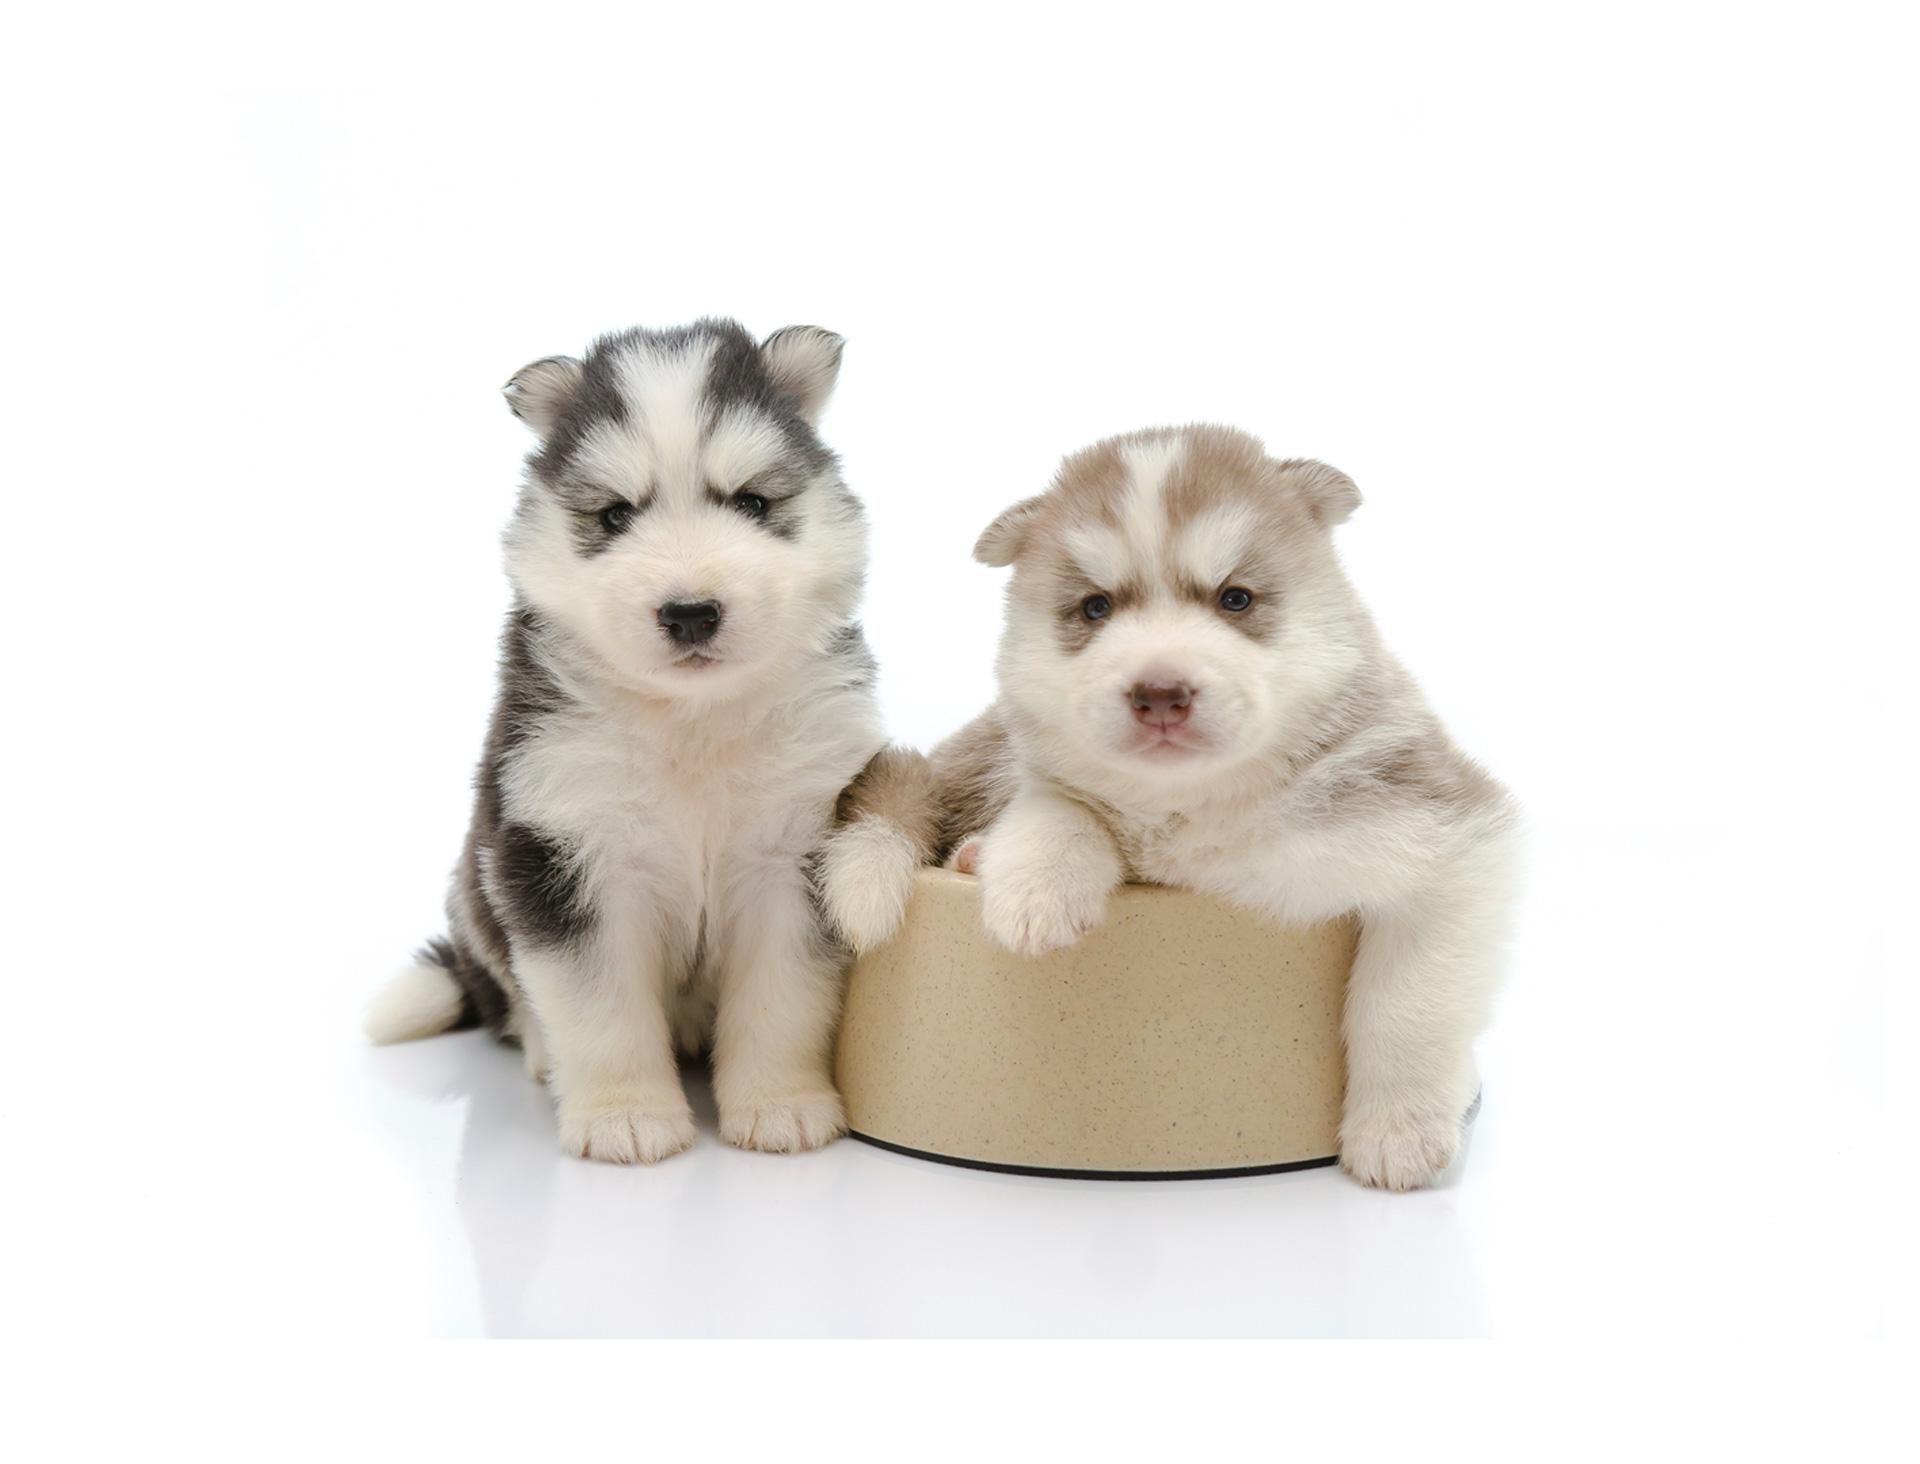 ¿Logrará este lindo cachorrito salir de un bowl en el cual quedó atrapado? Descúbrelo en este gracioso video